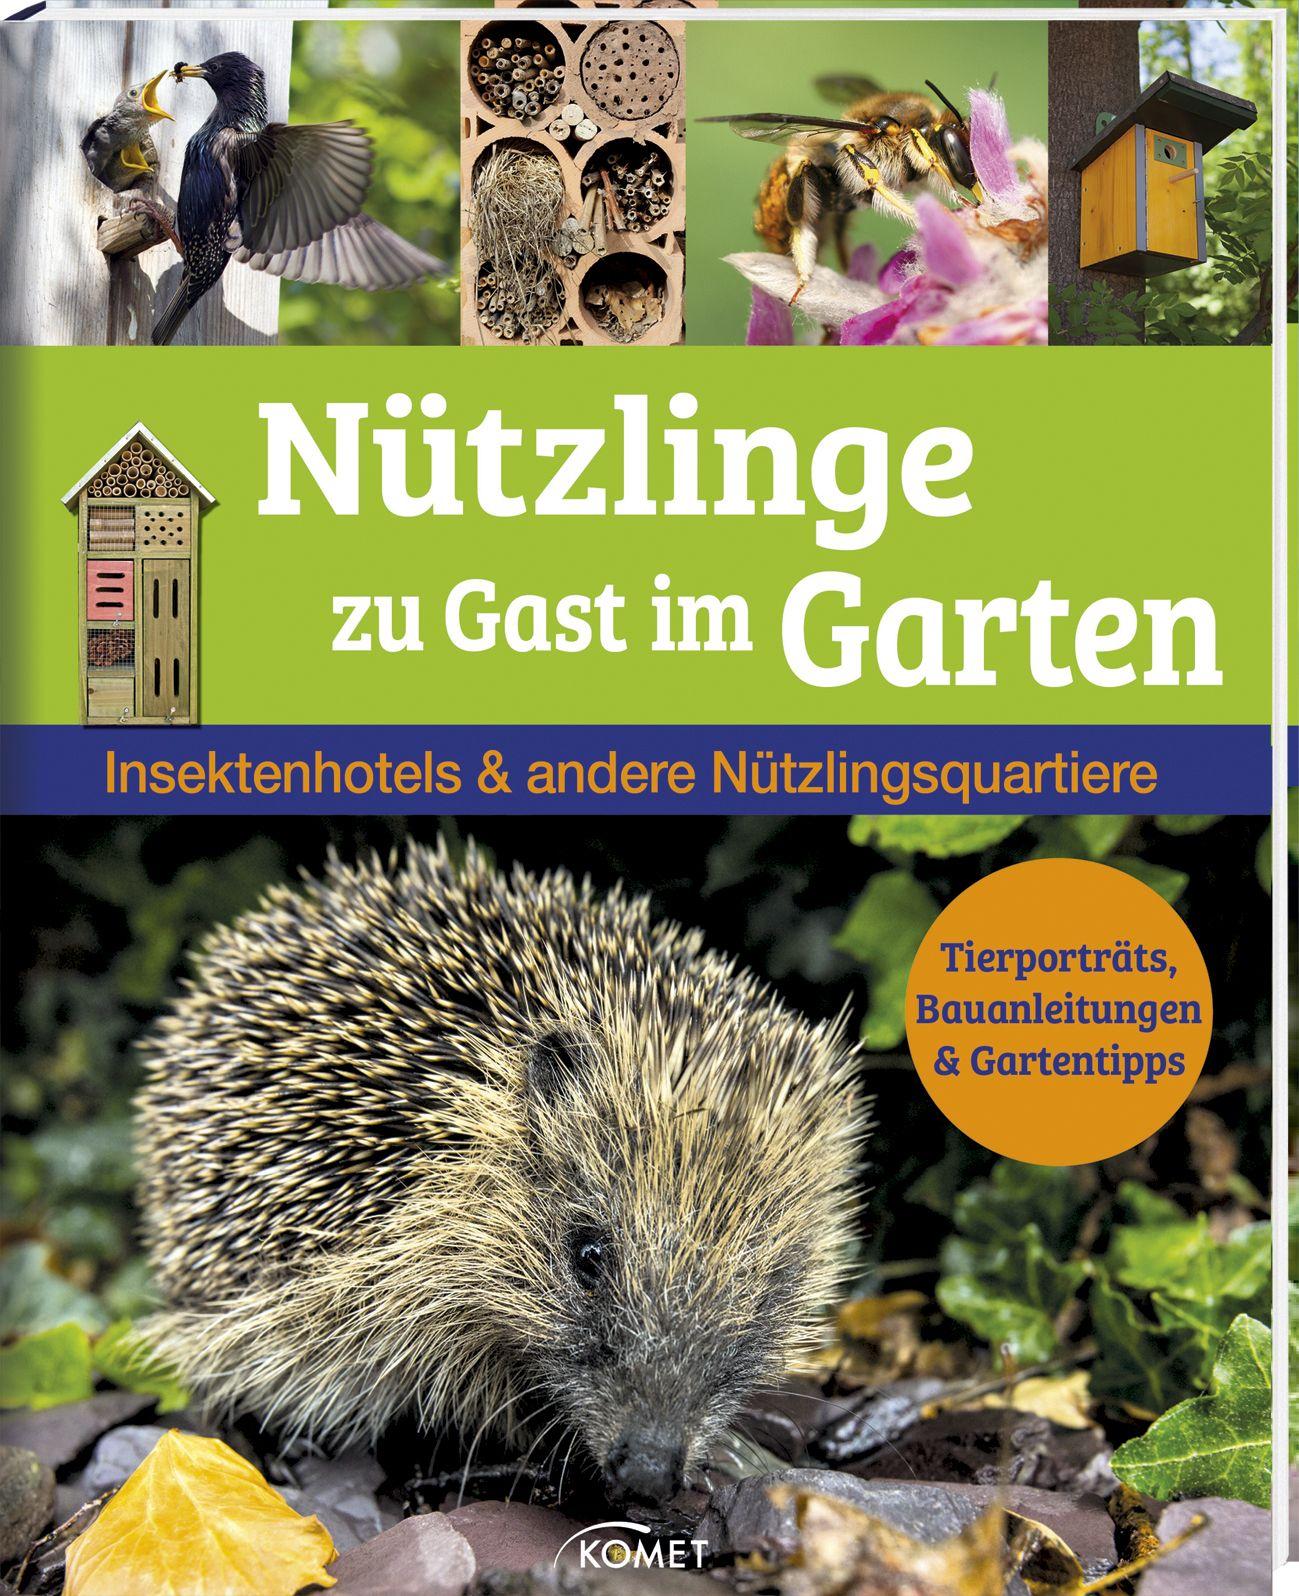 Nützlinge zu Gast im Garten: Insektenhotels & a...